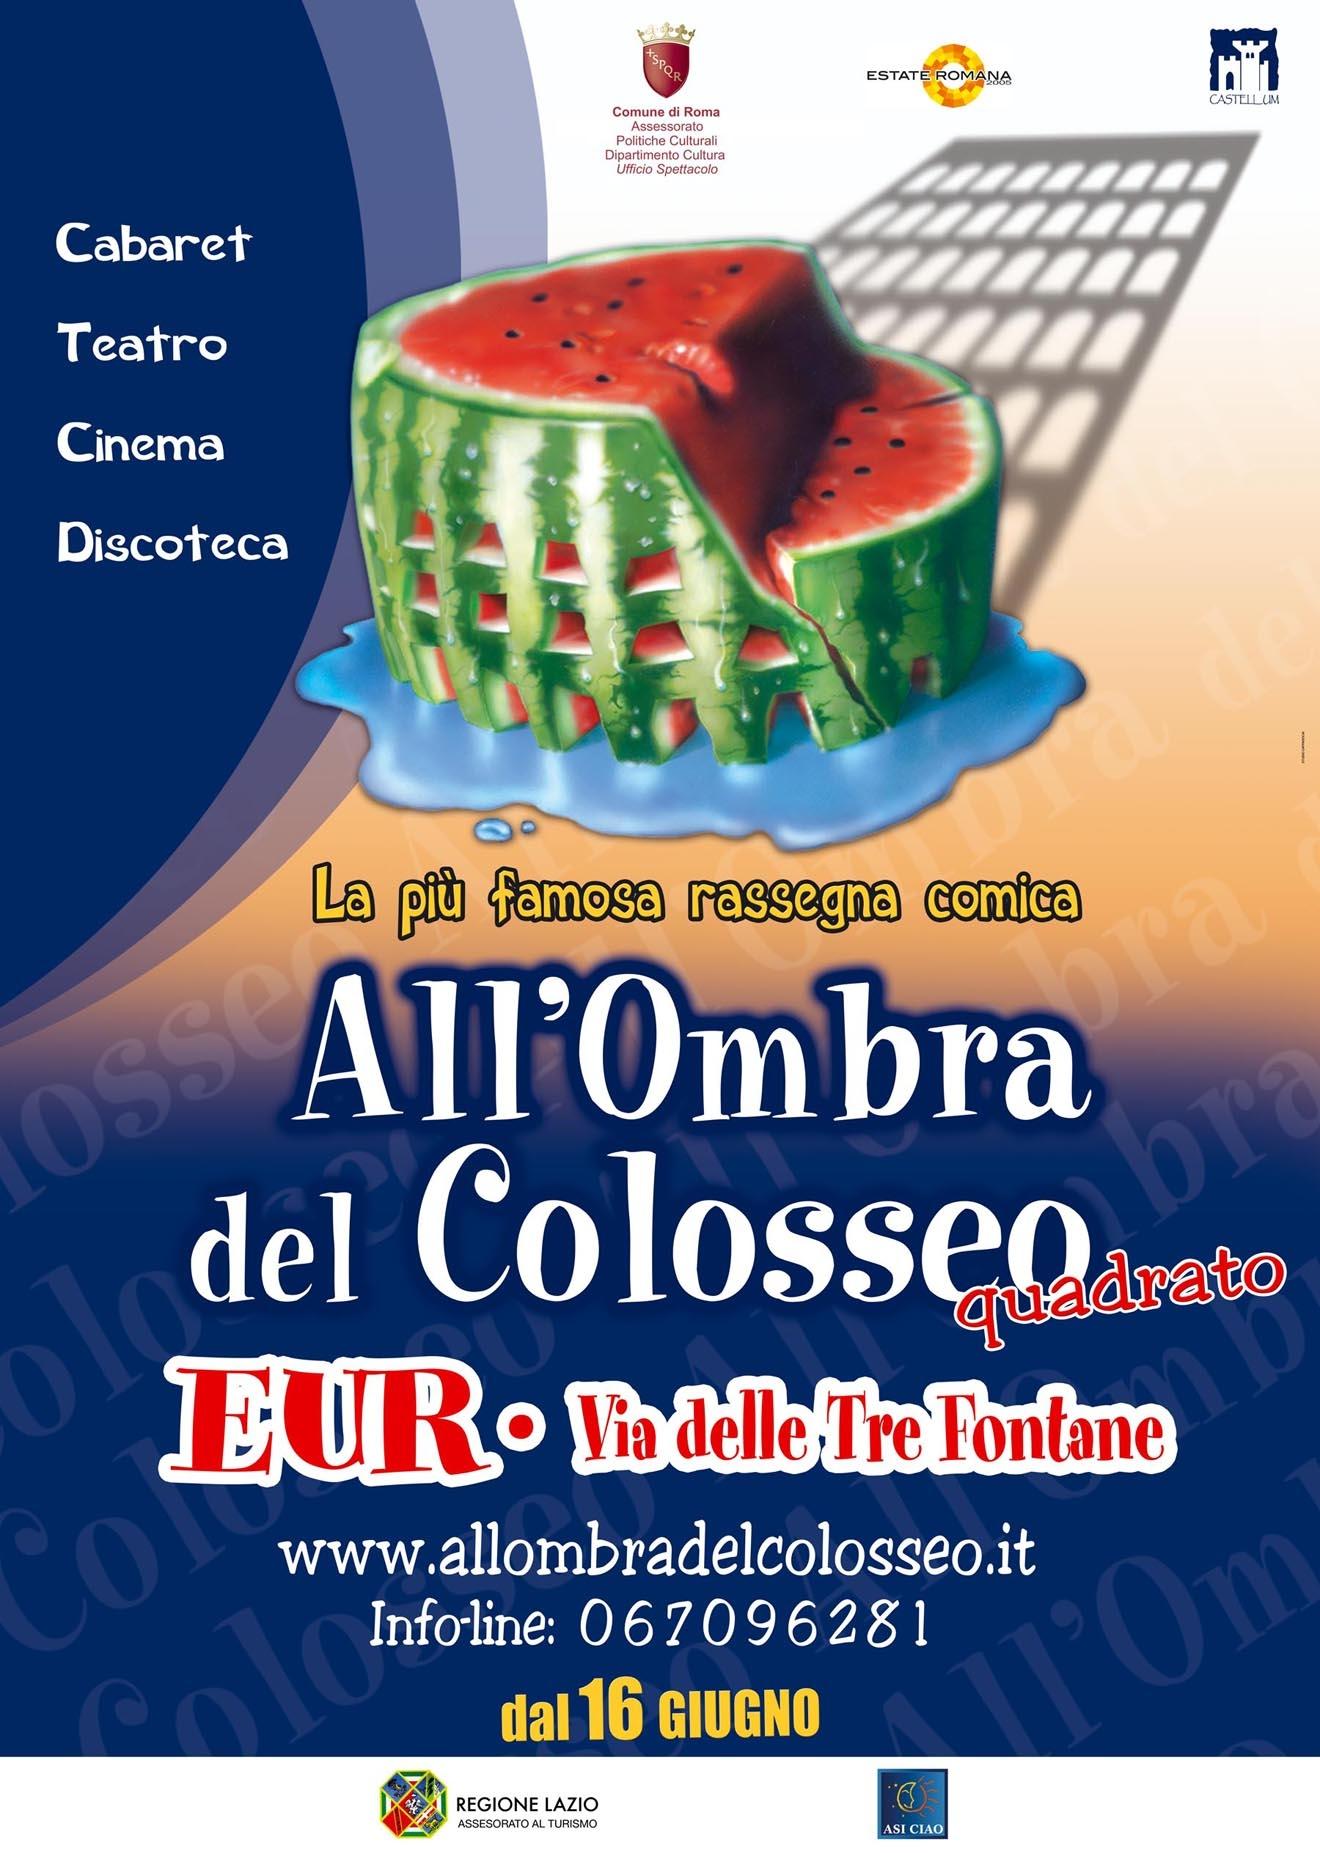 All'Ombra del Colosseo vecchia